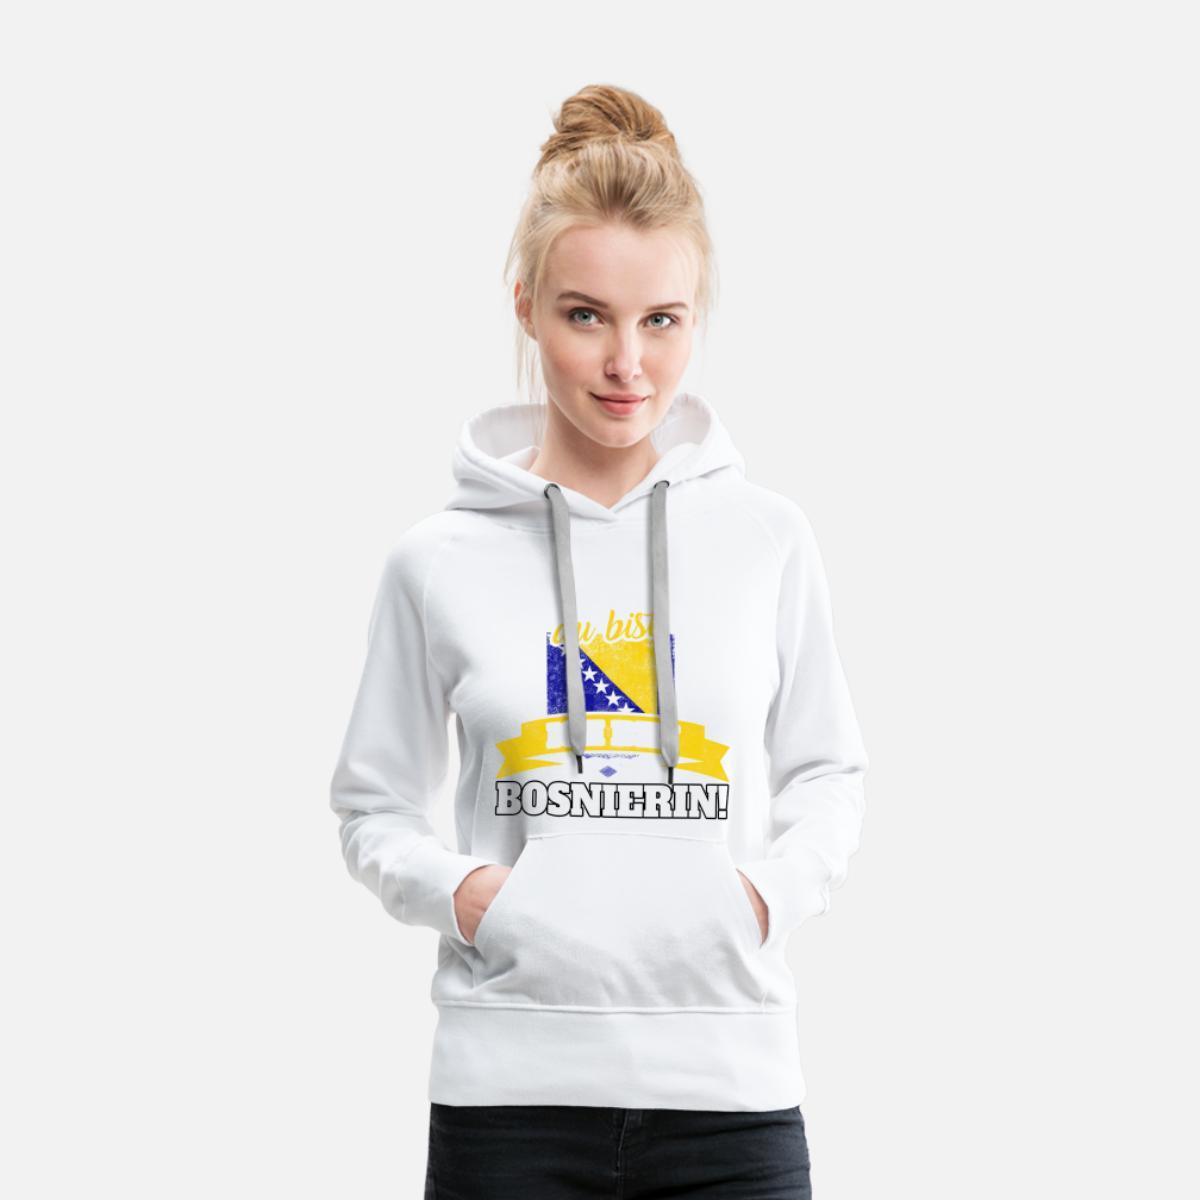 Bosnier Bosnien Bosnierin bosnisch Geschenk Frauen Premium Hoodie Weiß